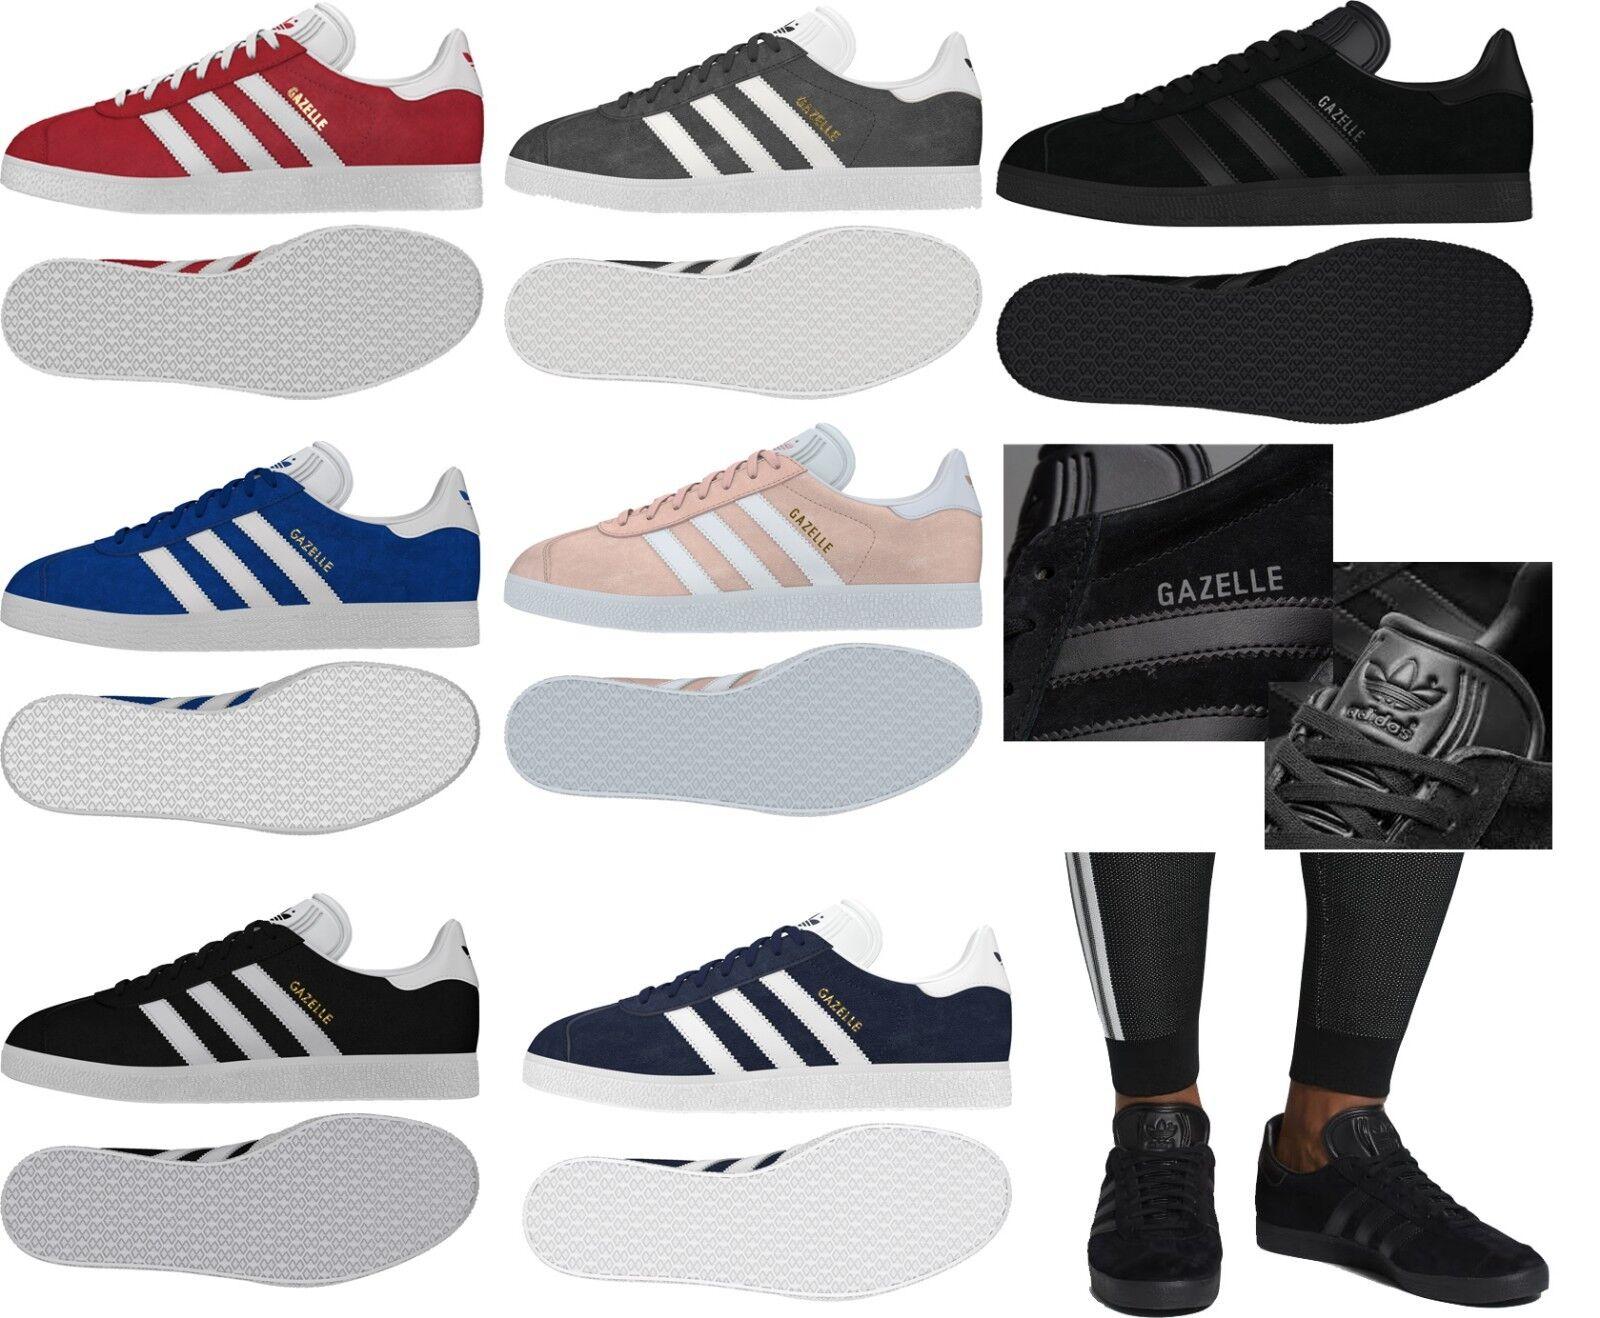 893692d70abc92 Adidas New Femme's Gazelle OG OG OG Original En Cuir et Daim Baskets  nouvelle collection 2018   Conception Habile 1feee1